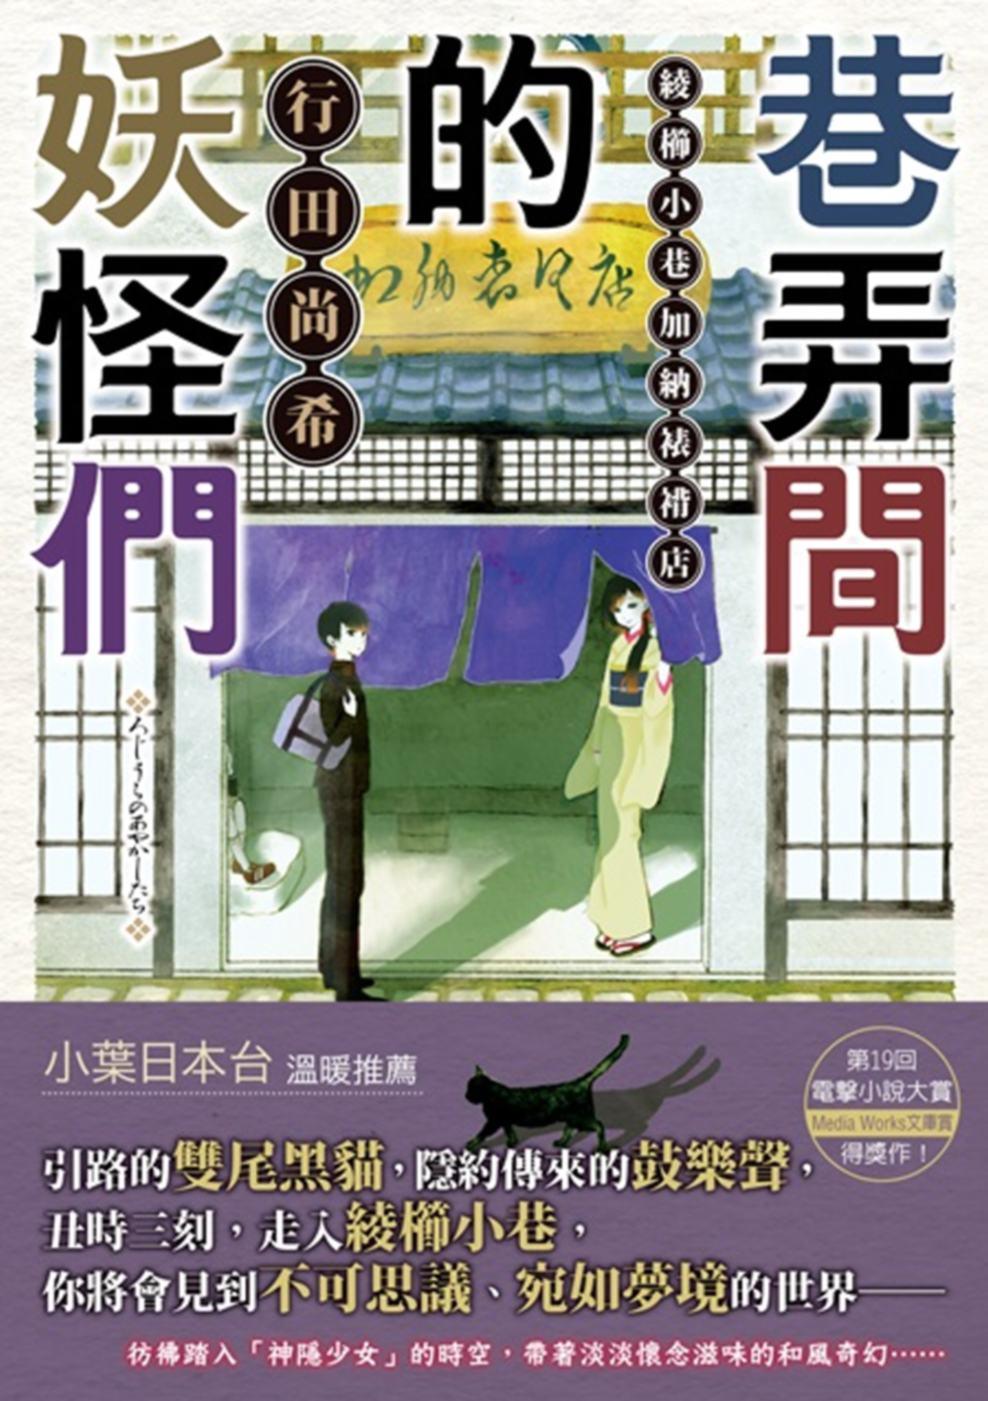 巷弄間的妖怪們 綾櫛小巷加納裱褙店 01